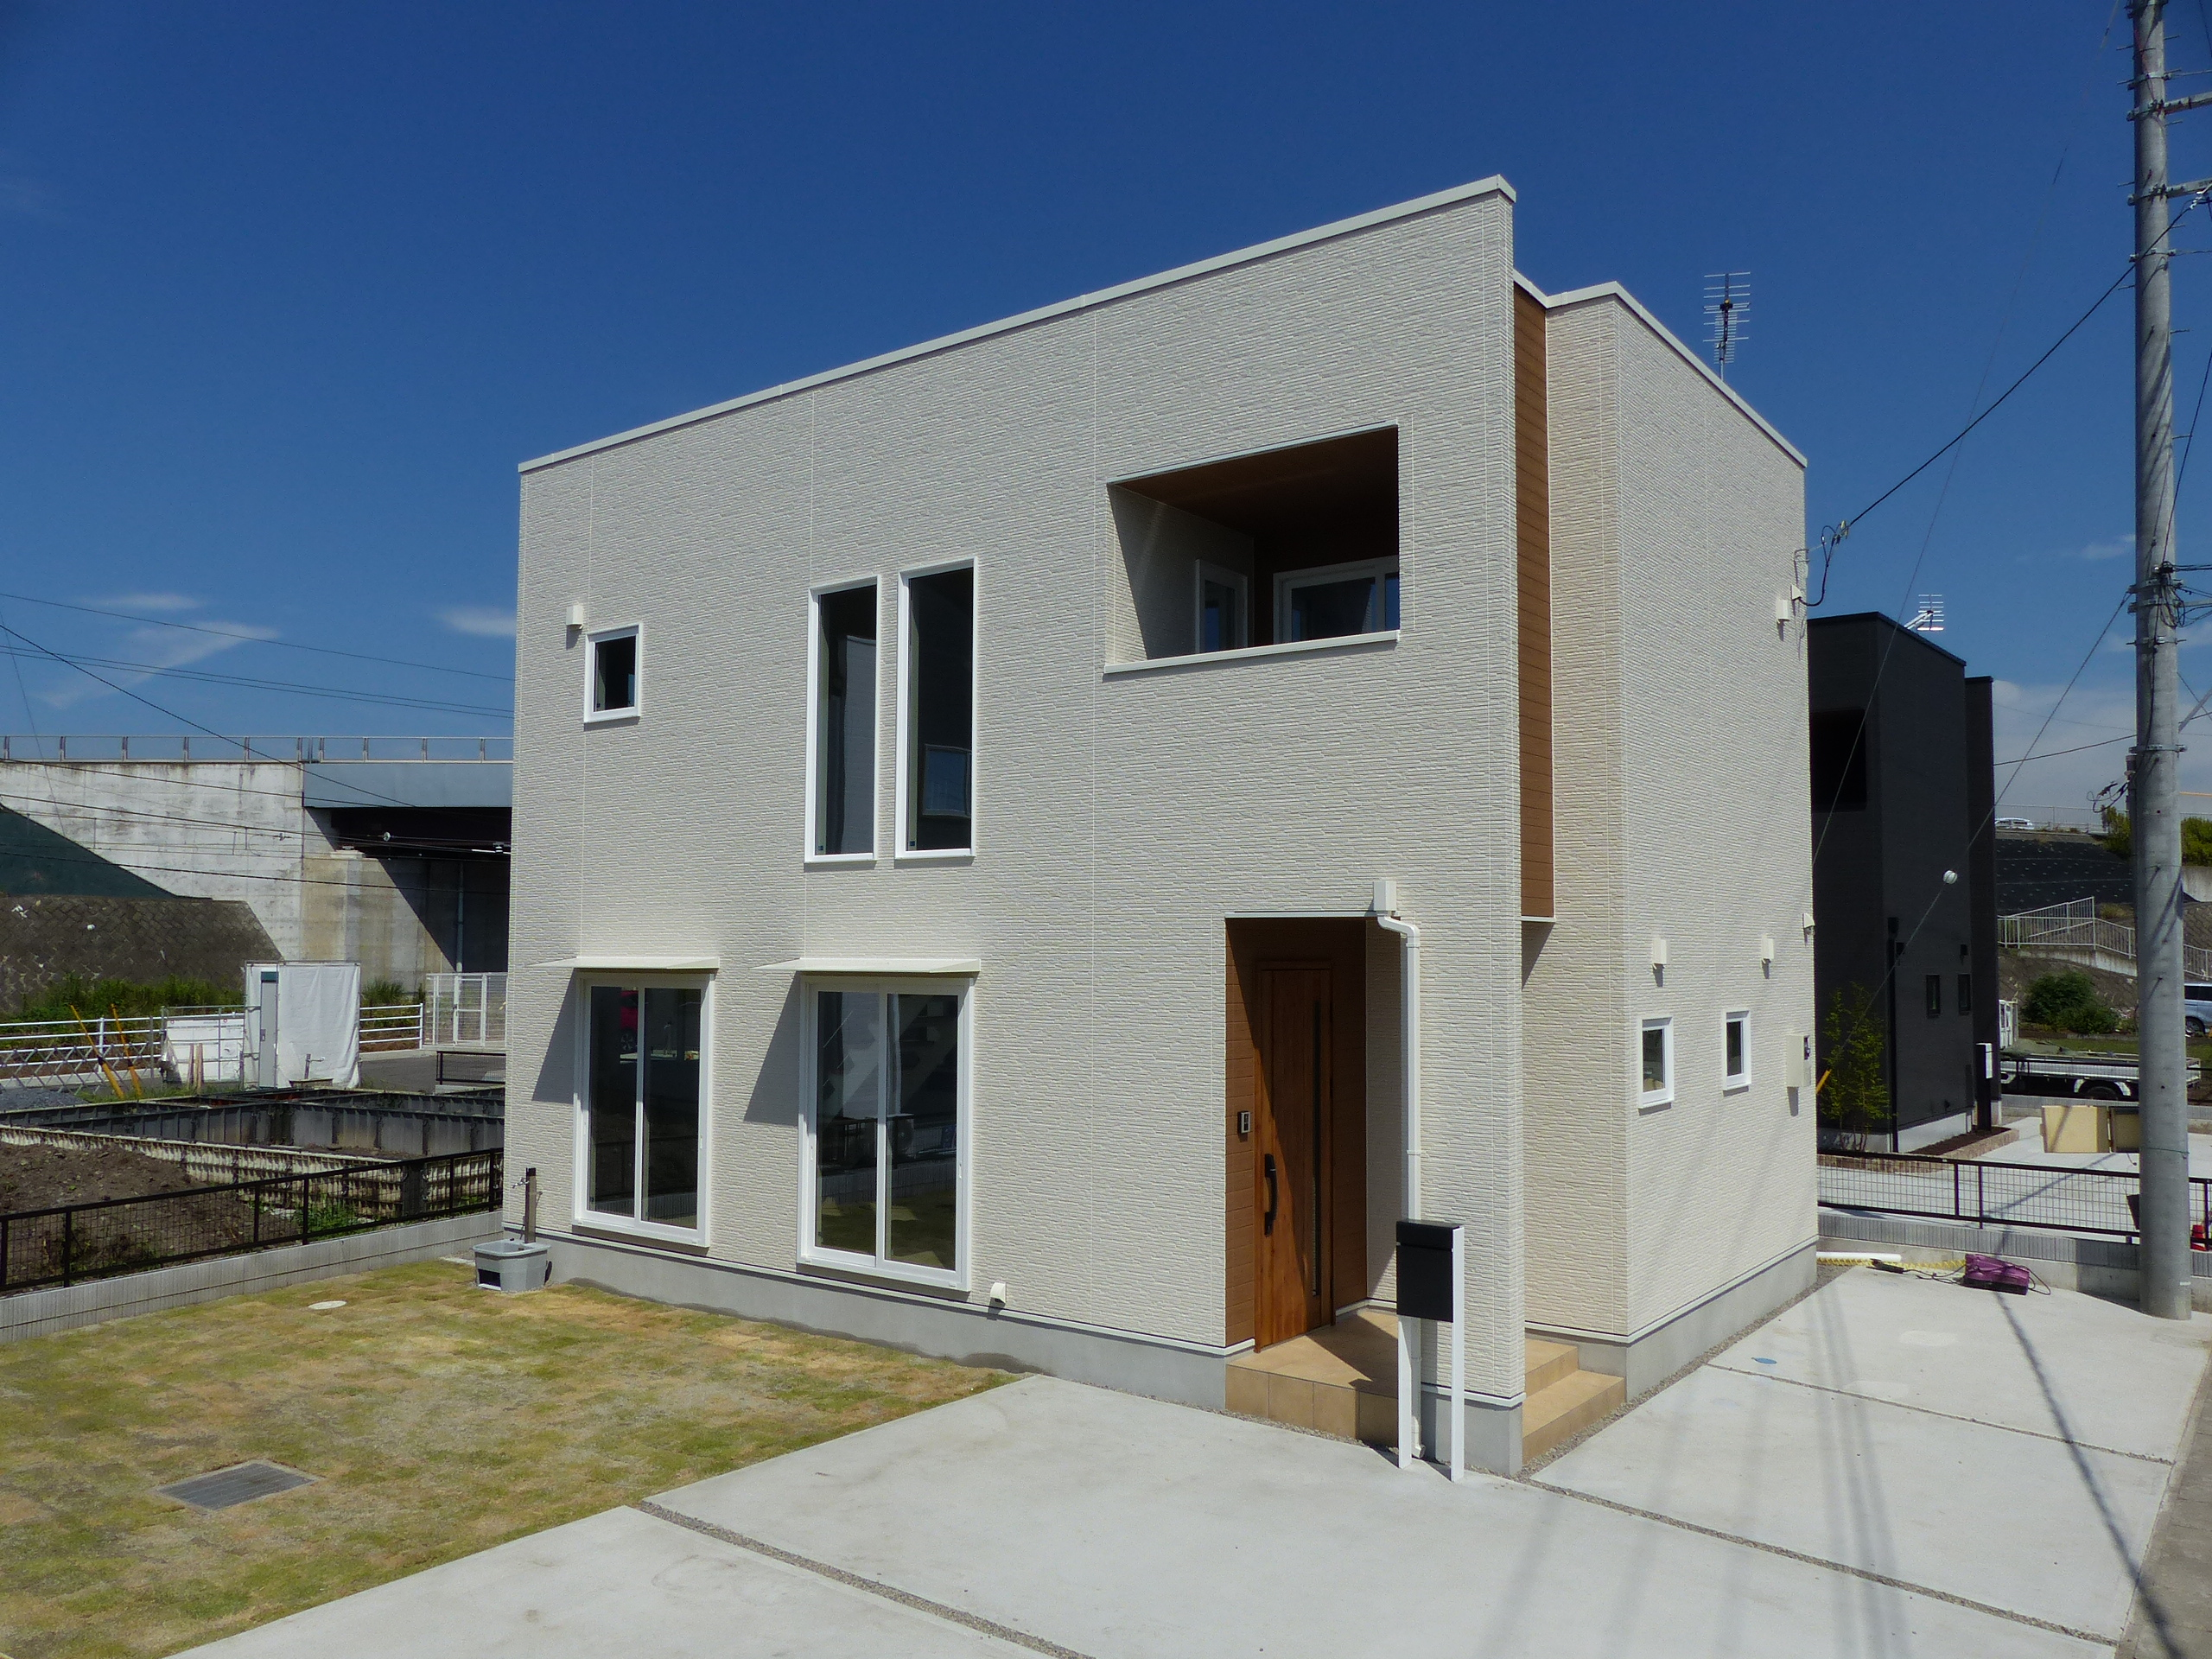 シンプルな四角い外観デザインが大きな特長です。